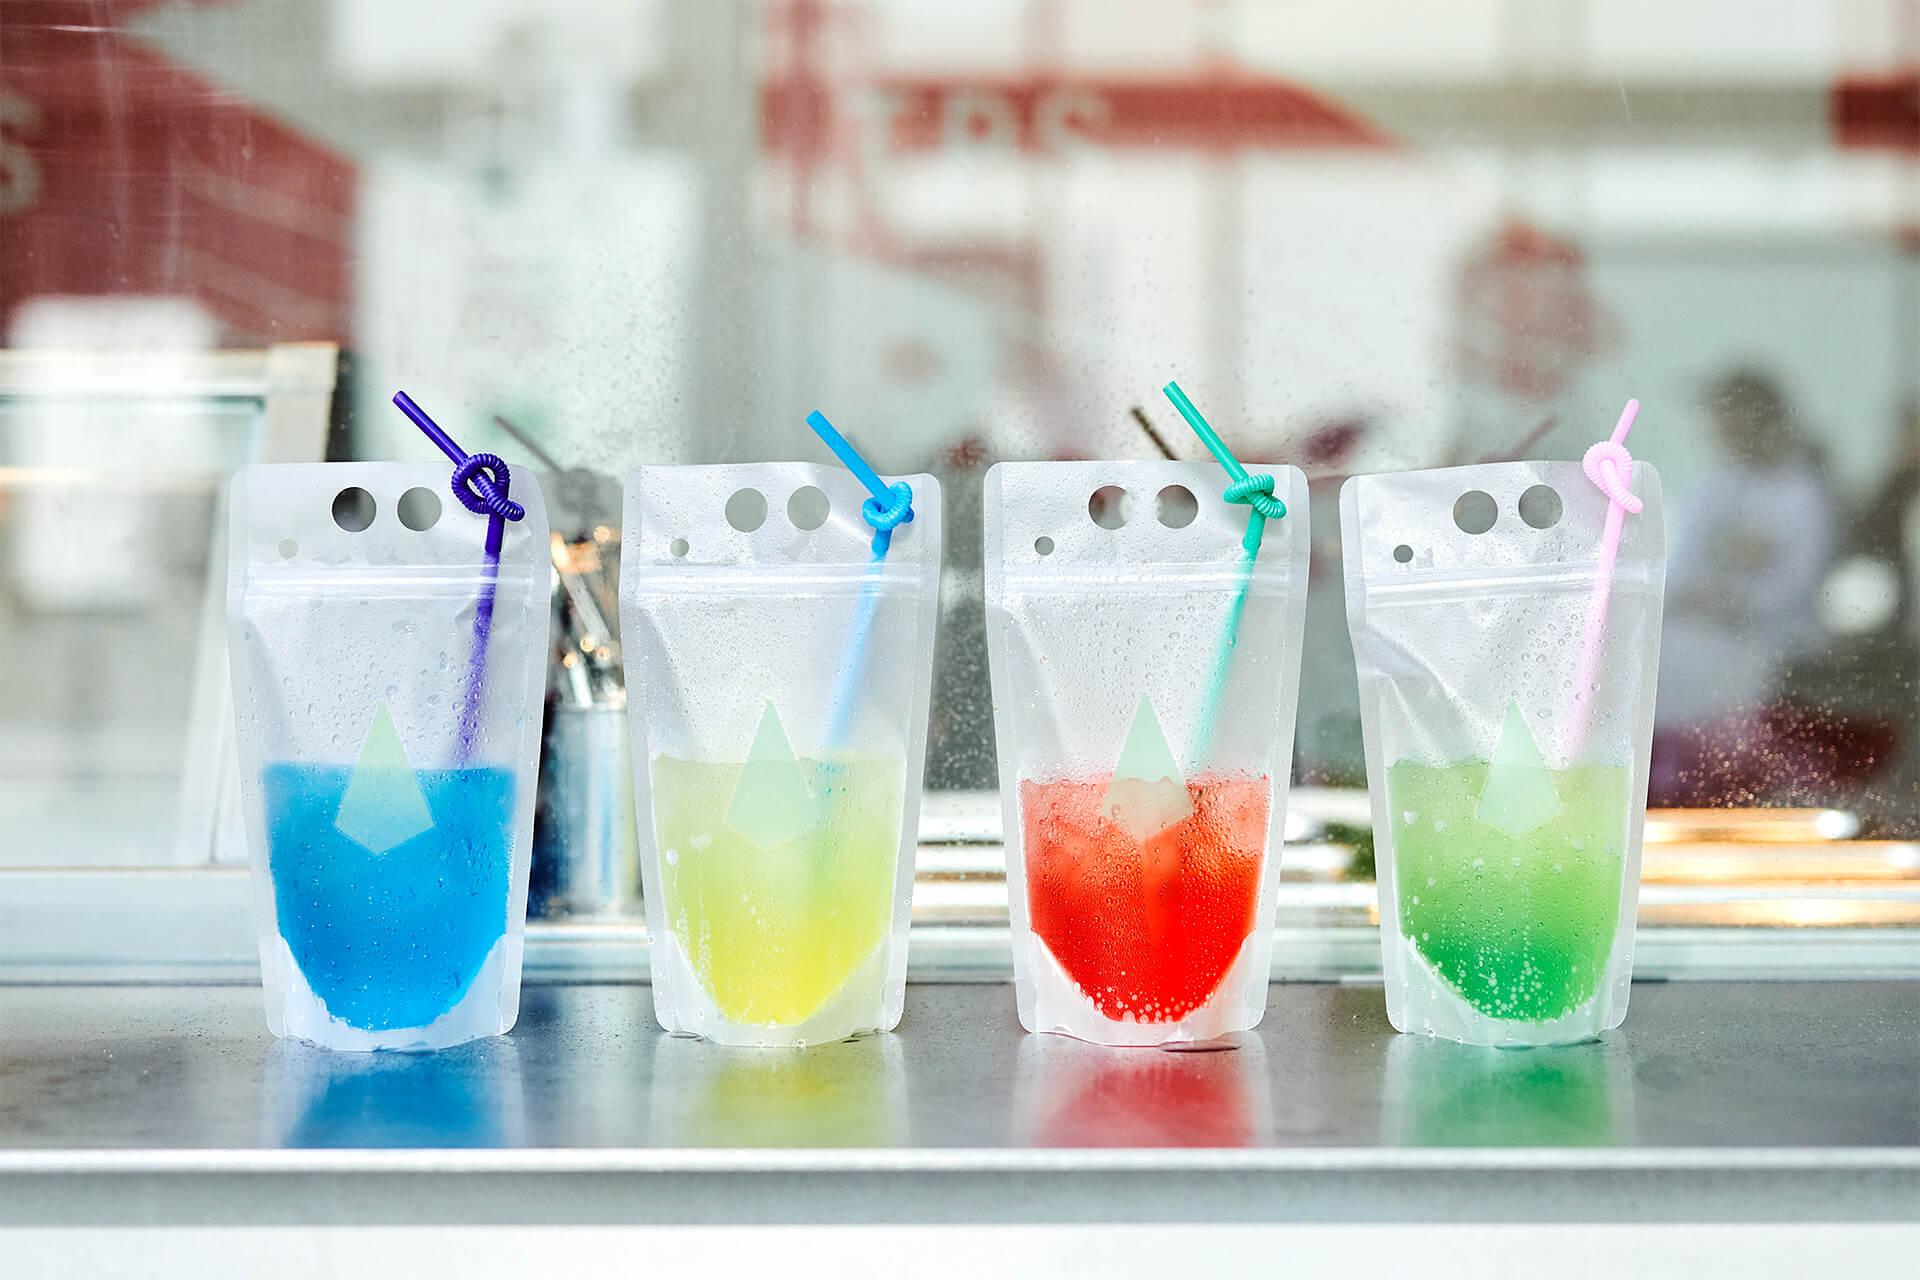 原宿THE PARFAIT STAND推出適合夏天的繽紛新商品發售! 在原宿、甜點、